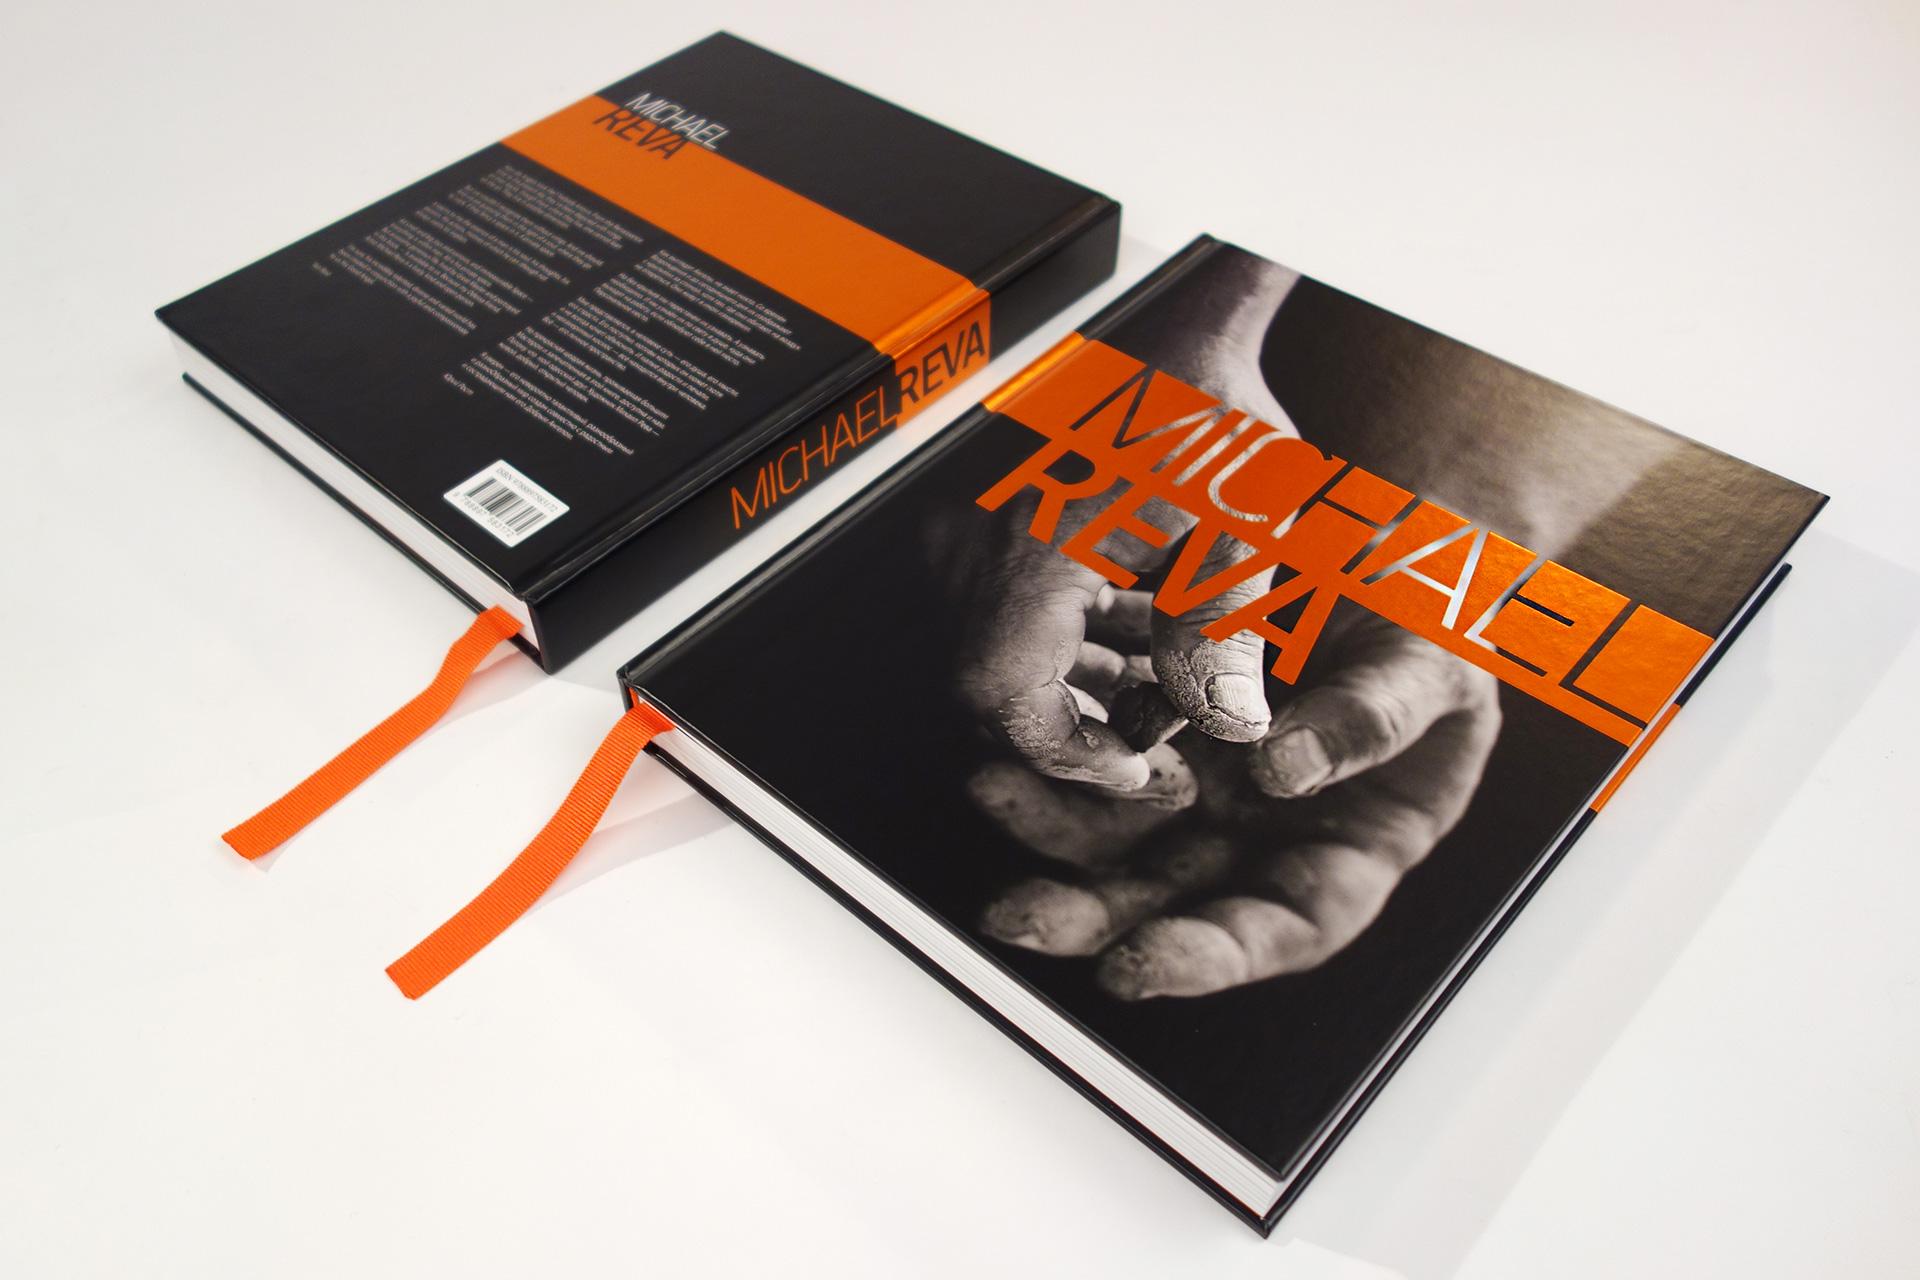 Агентство Asgard Branding, юбилейный альбом, дизайн, печать, печатные издания, дизайн книги, Михаил Рева